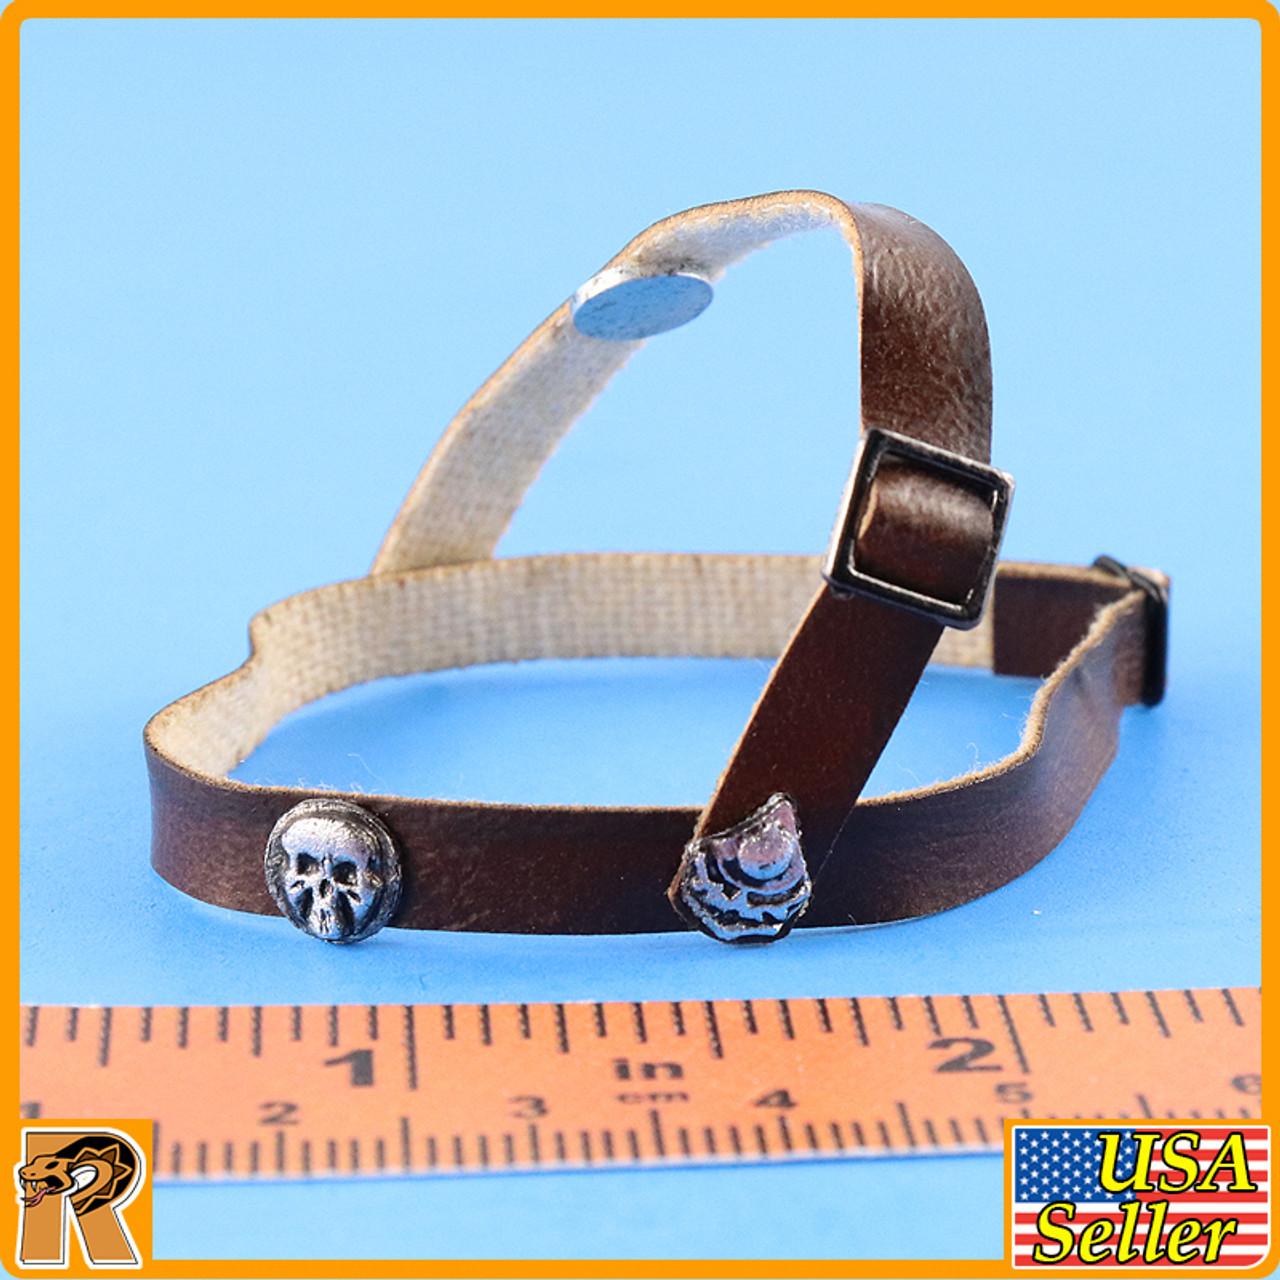 Blade Girl - Shoulder Belt Set #3 - 1/6 Scale -